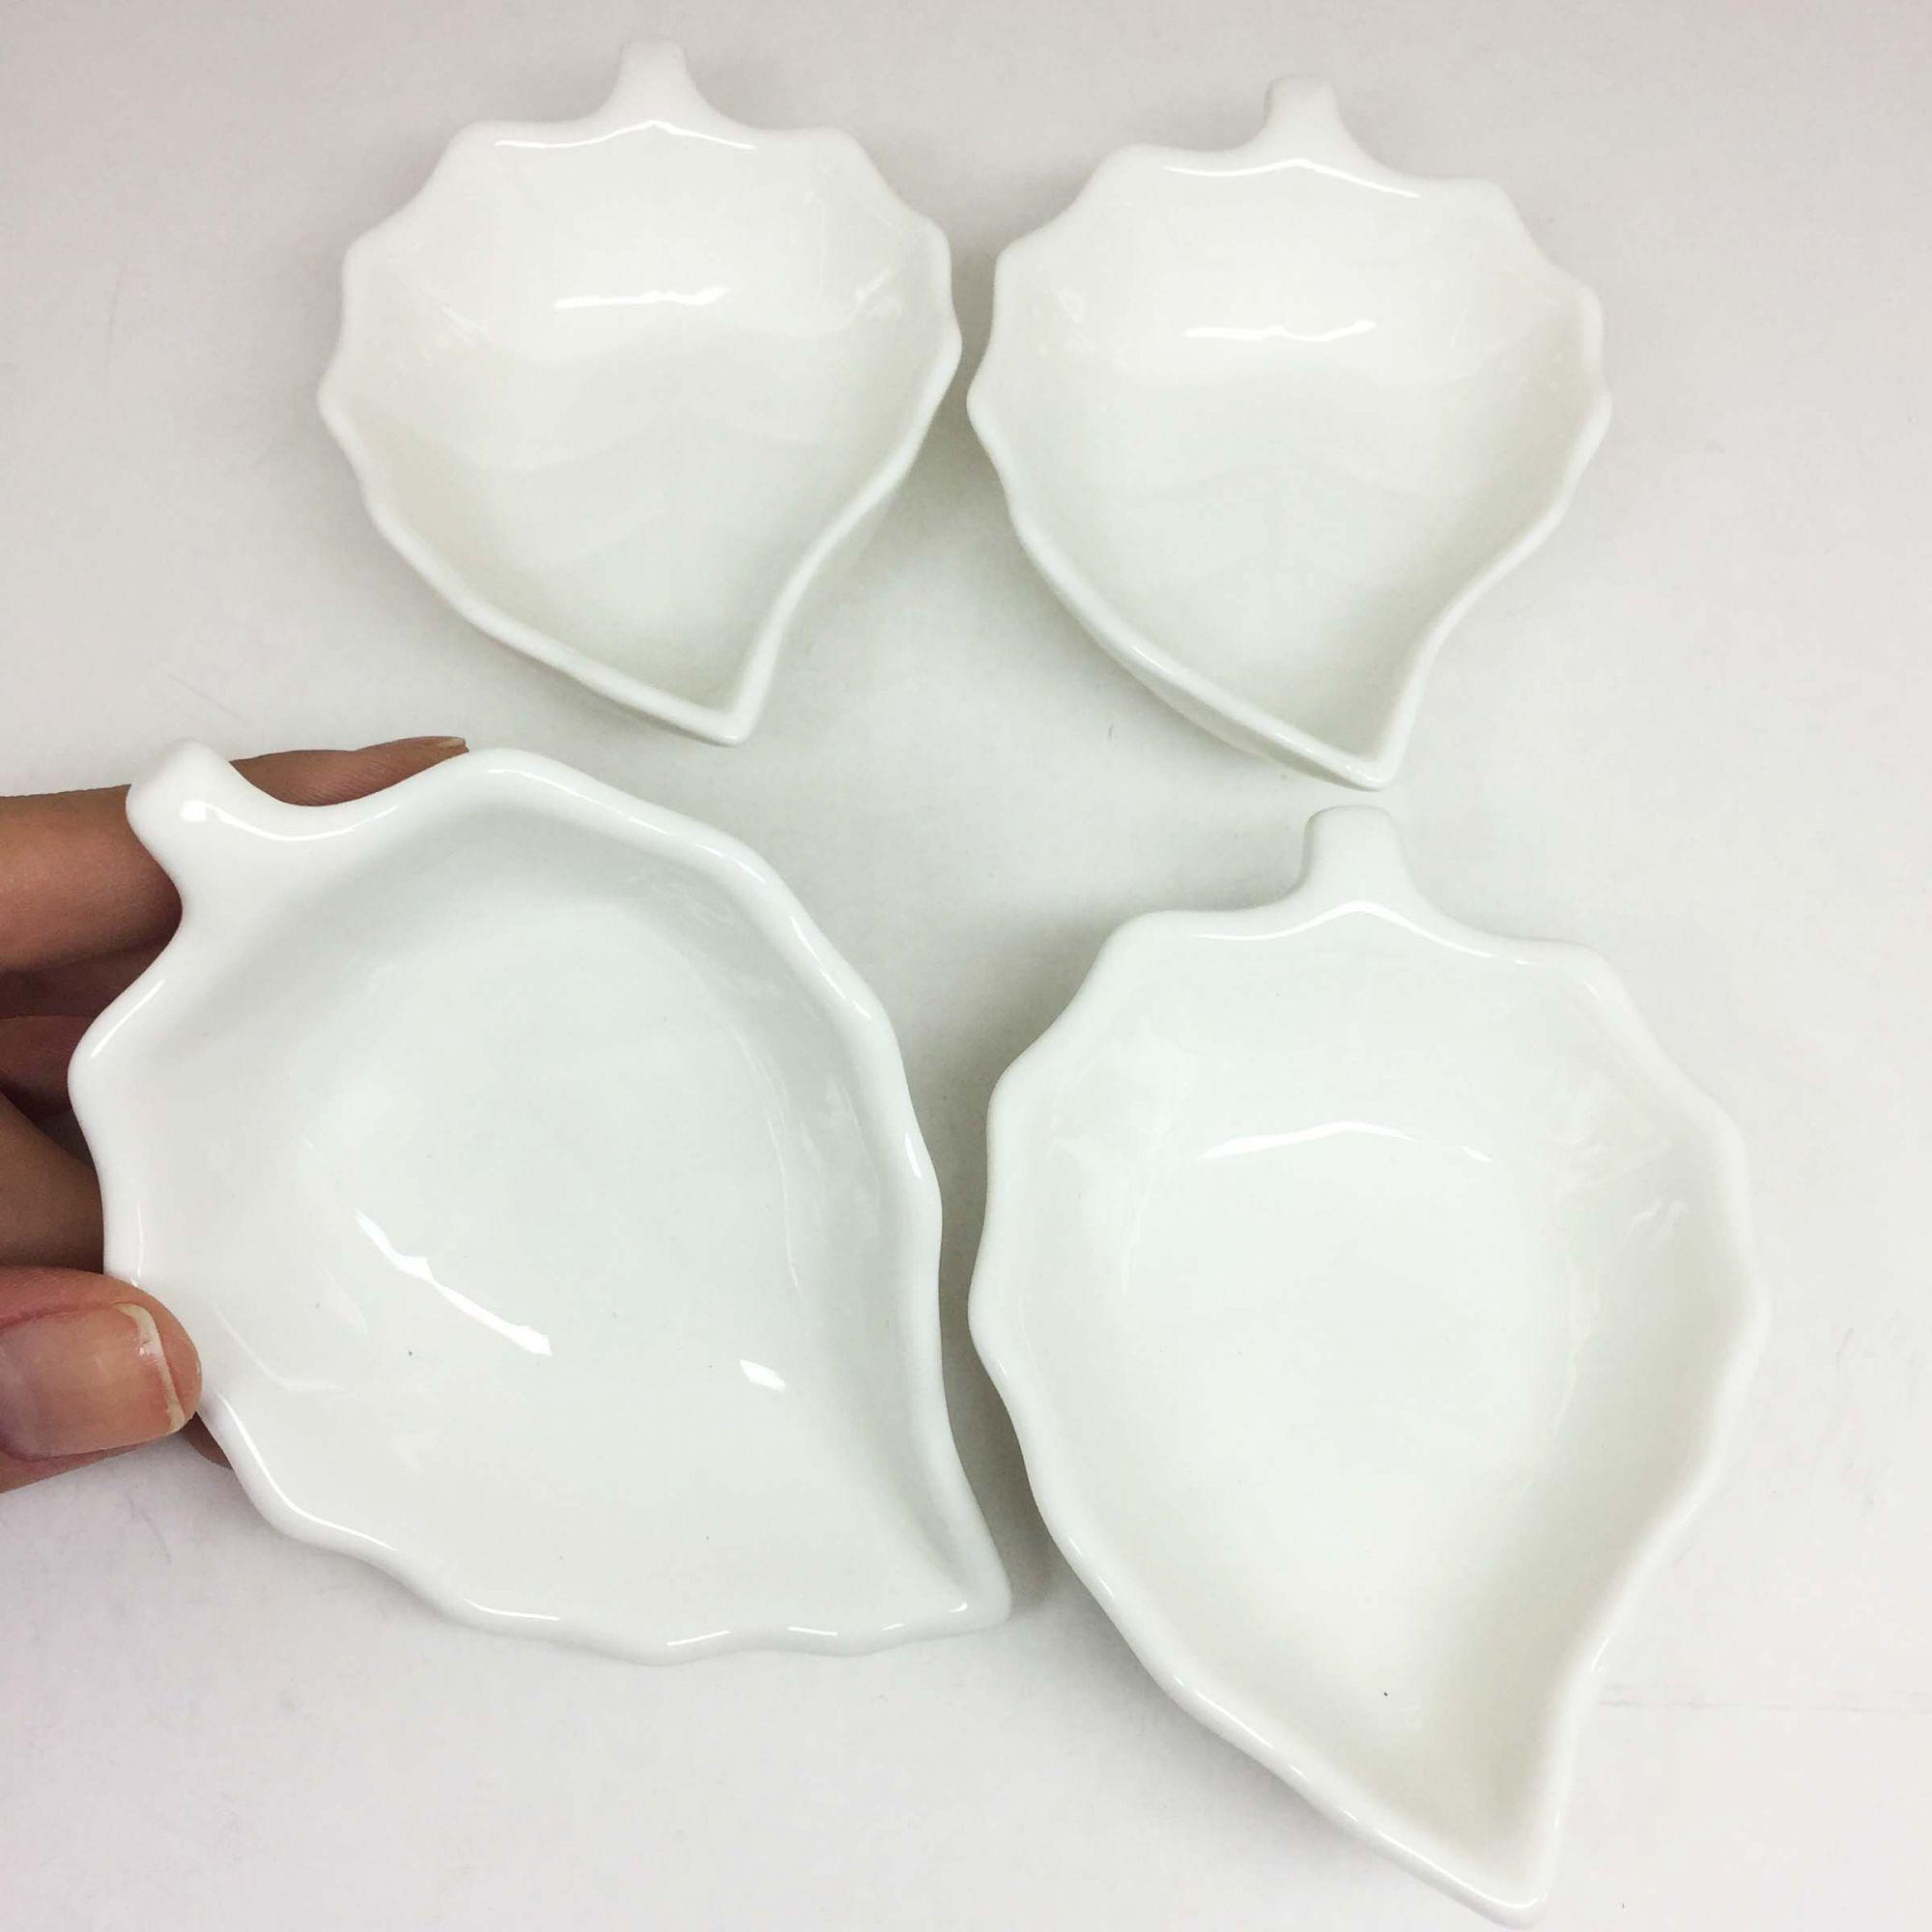 Kit Petisqueira De Porcelana 4 Peças Branca Folha